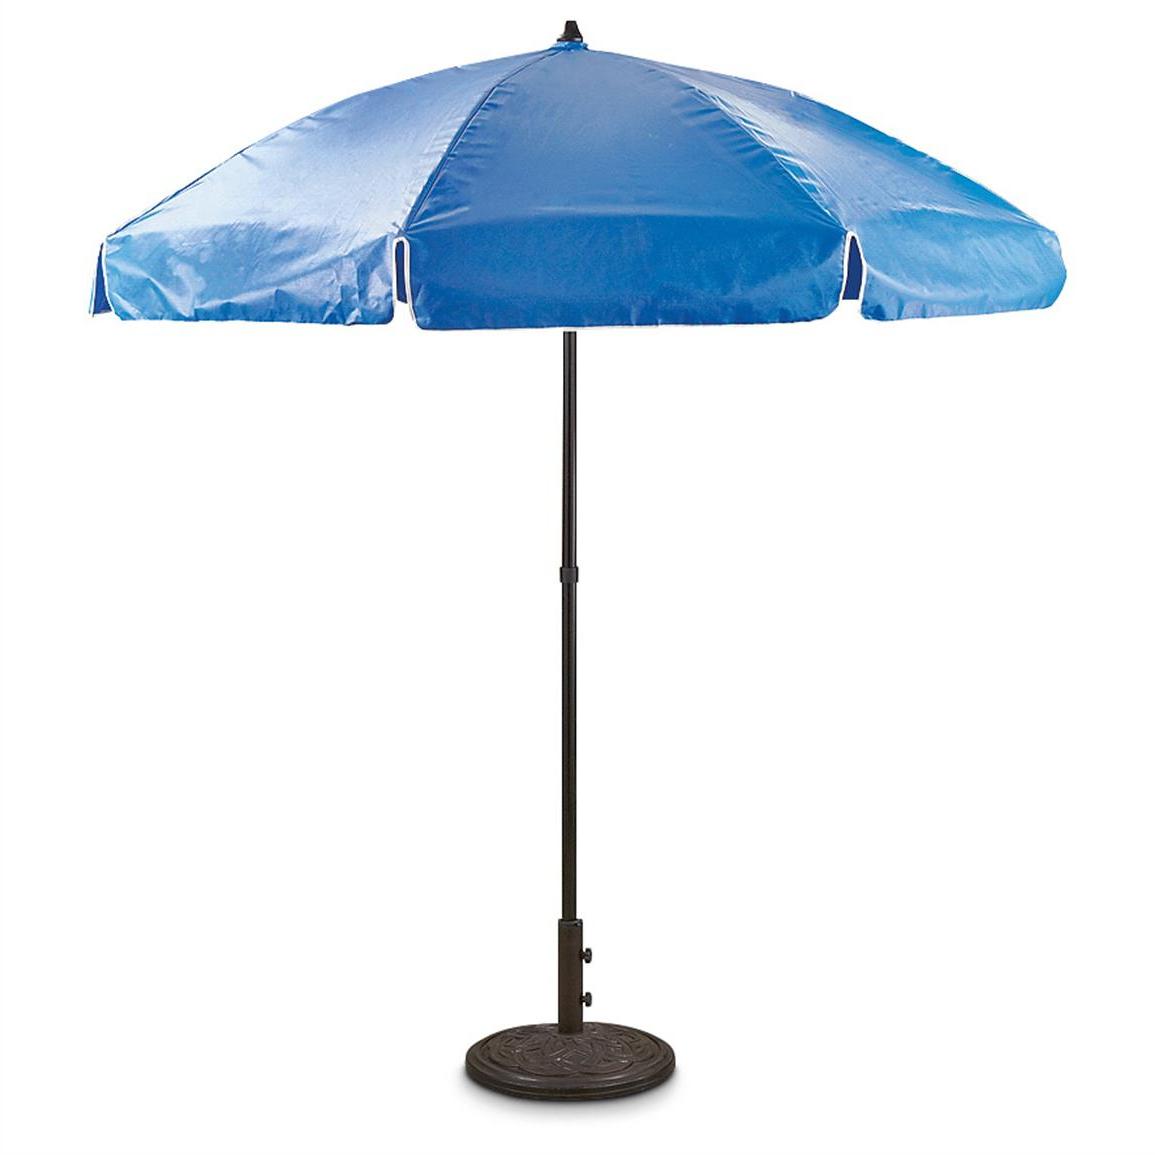 """7'6"""" Drape Vinyl Patio Umbrella – 635354, Patio Umbrellas At Throughout 2020 Drape Umbrellas (View 2 of 20)"""